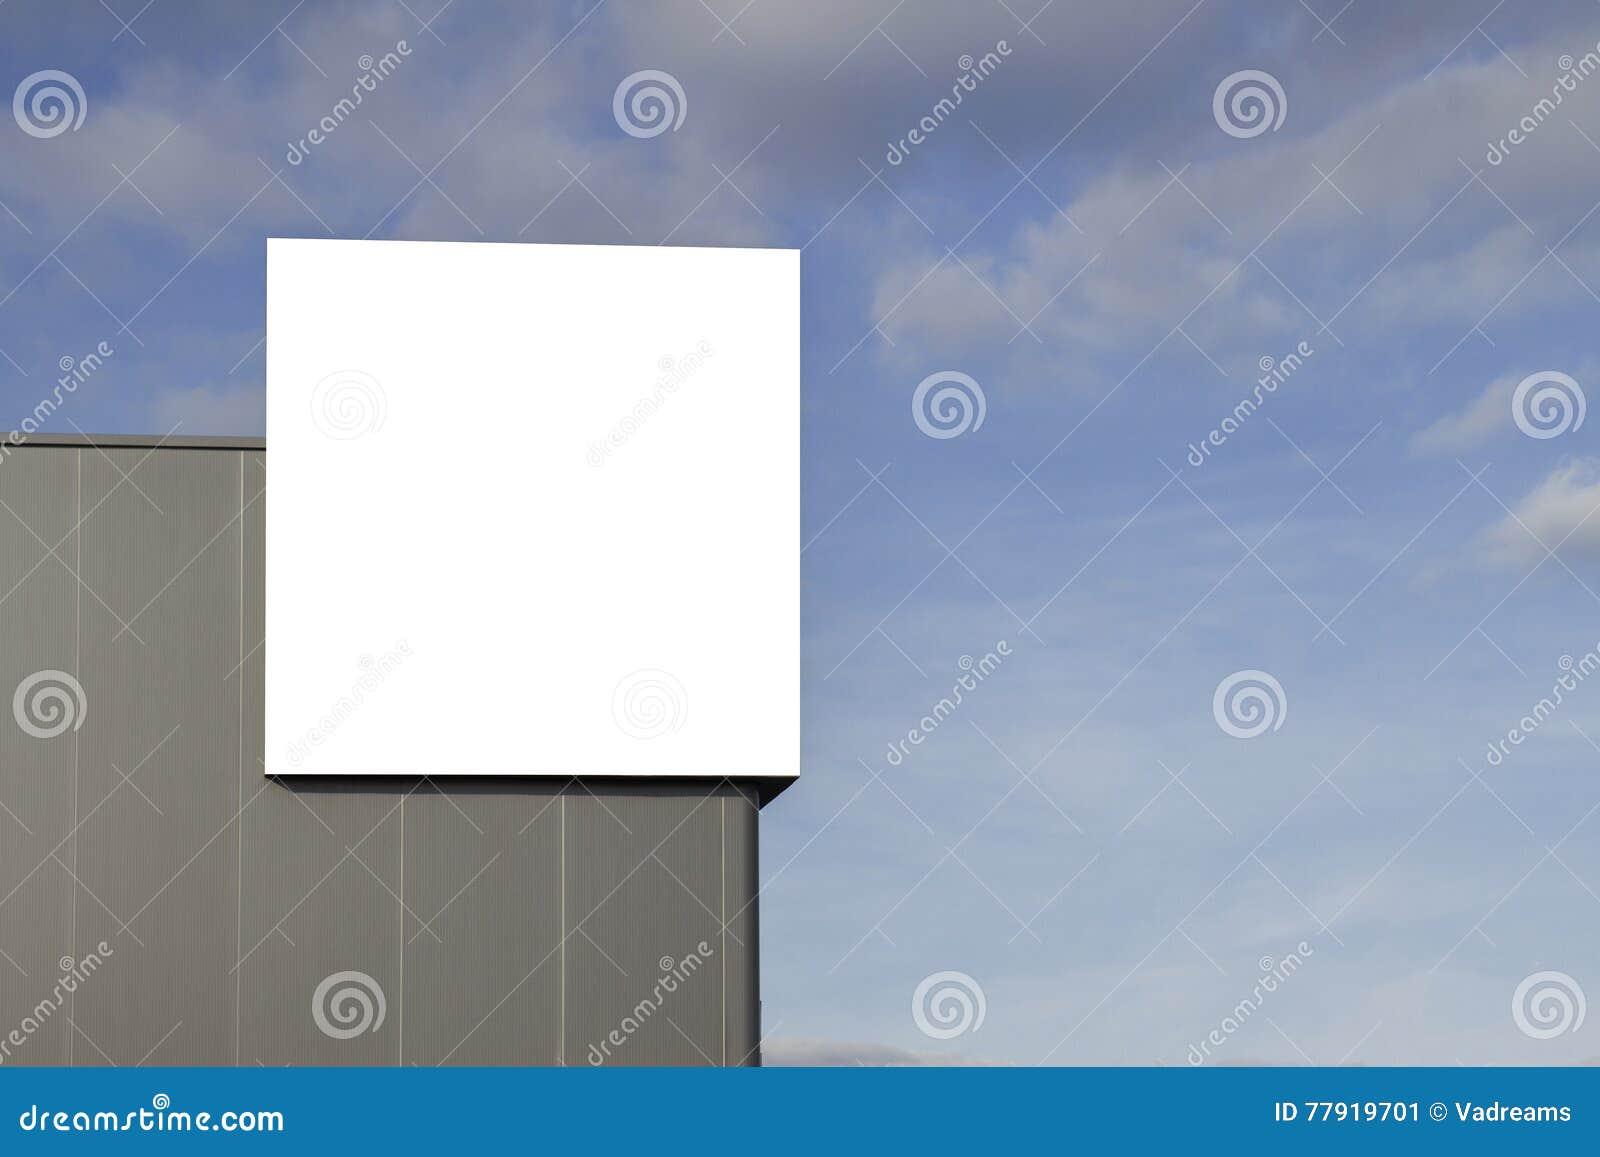 Spott oben Leere Anschlagtafel draußen, Werbung im Freien auf der Wand eines Hintergrundes des blauen Himmels des Gebäudes